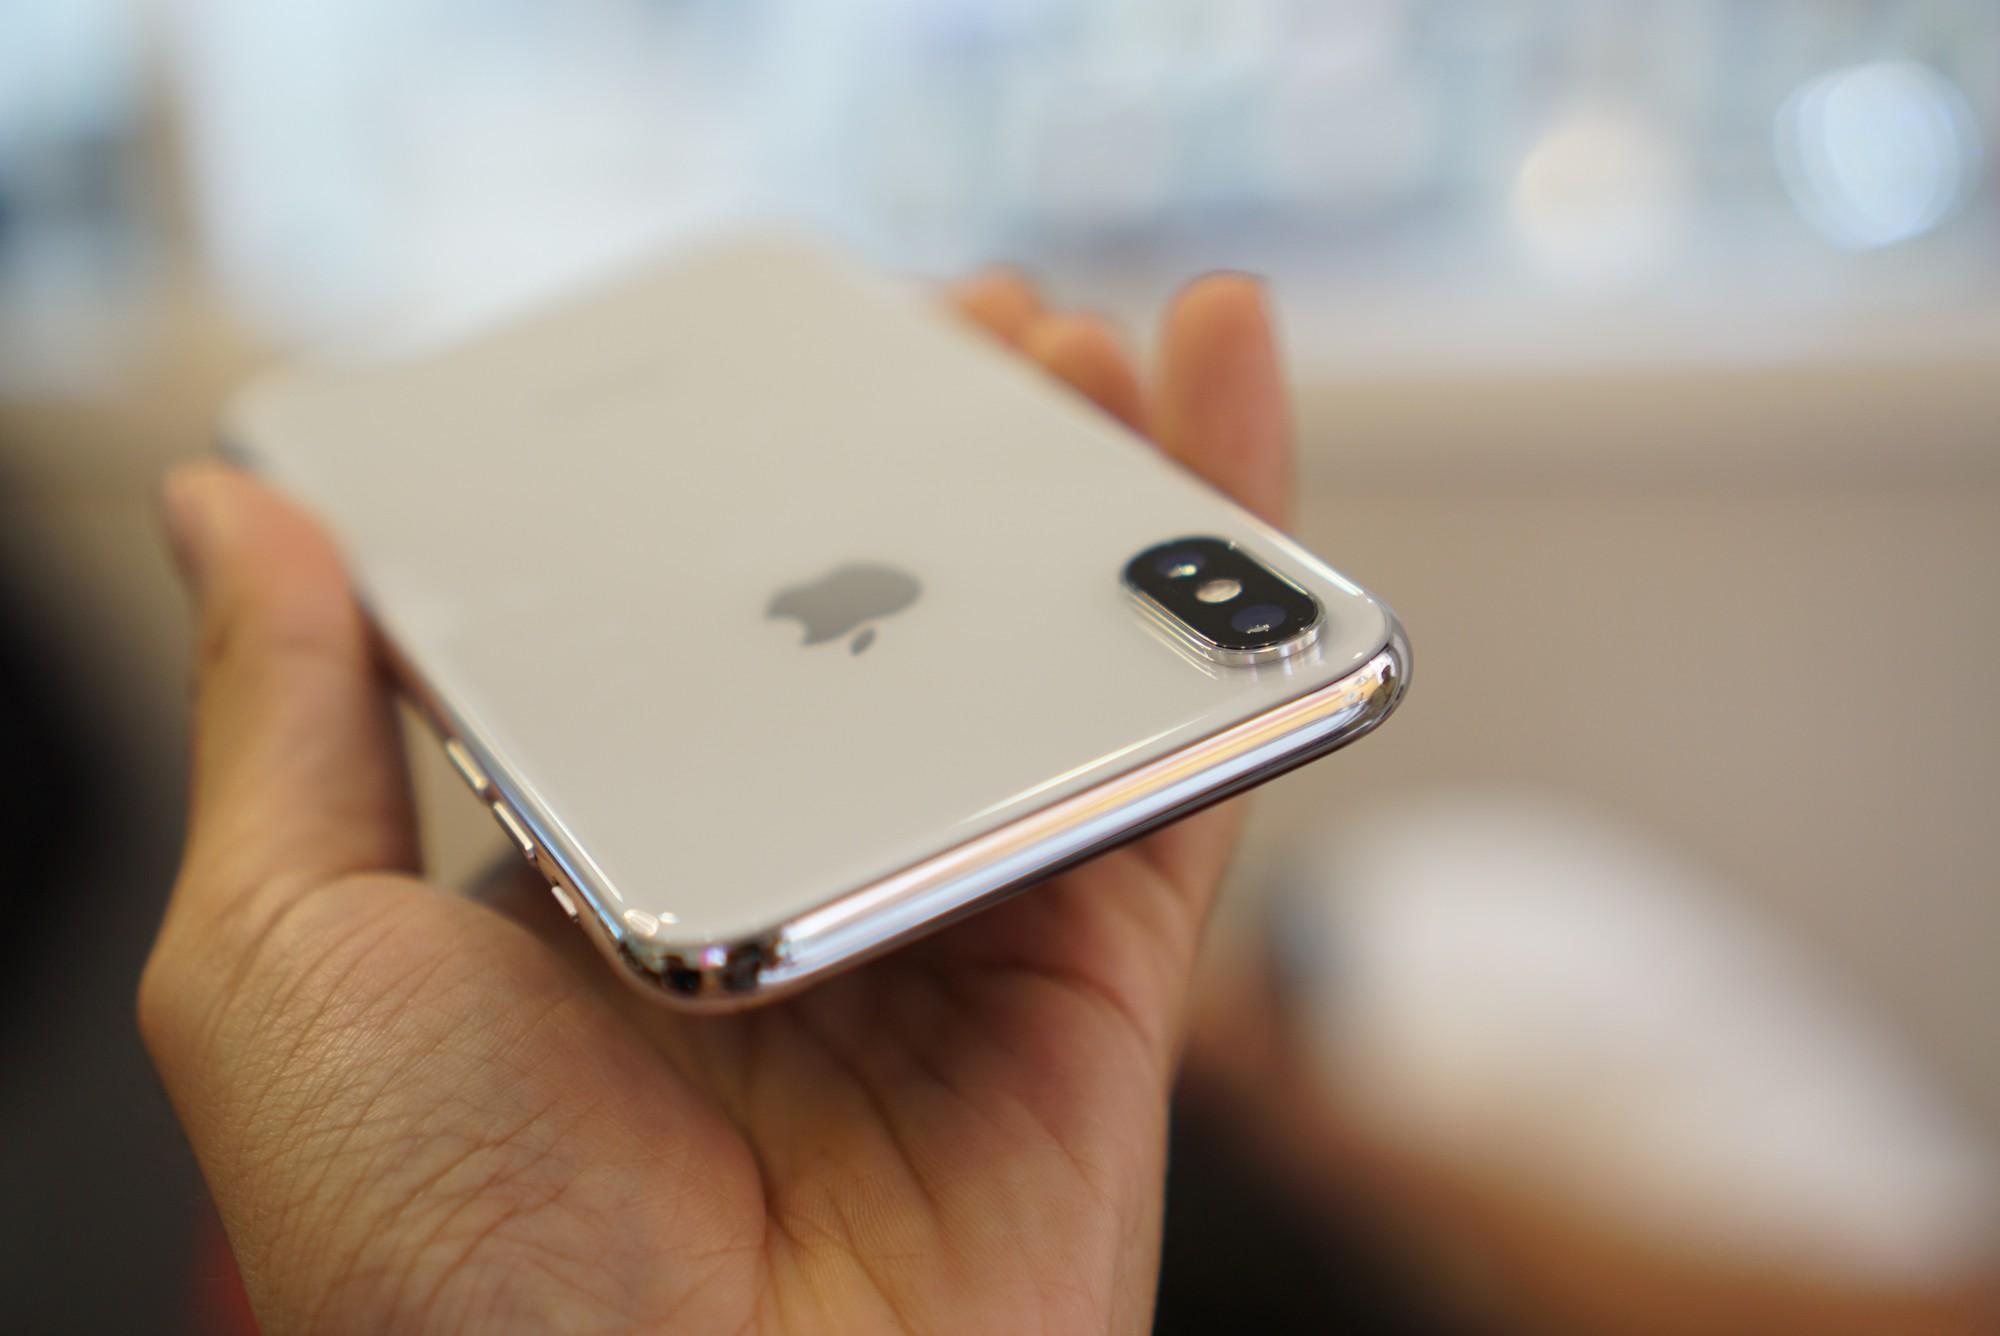 iPhone X giá 68 triệu đây rồi: Màn hình đẹp sắc sảo, thiết kế toàn diện, thao tác hoàn toàn mới 22